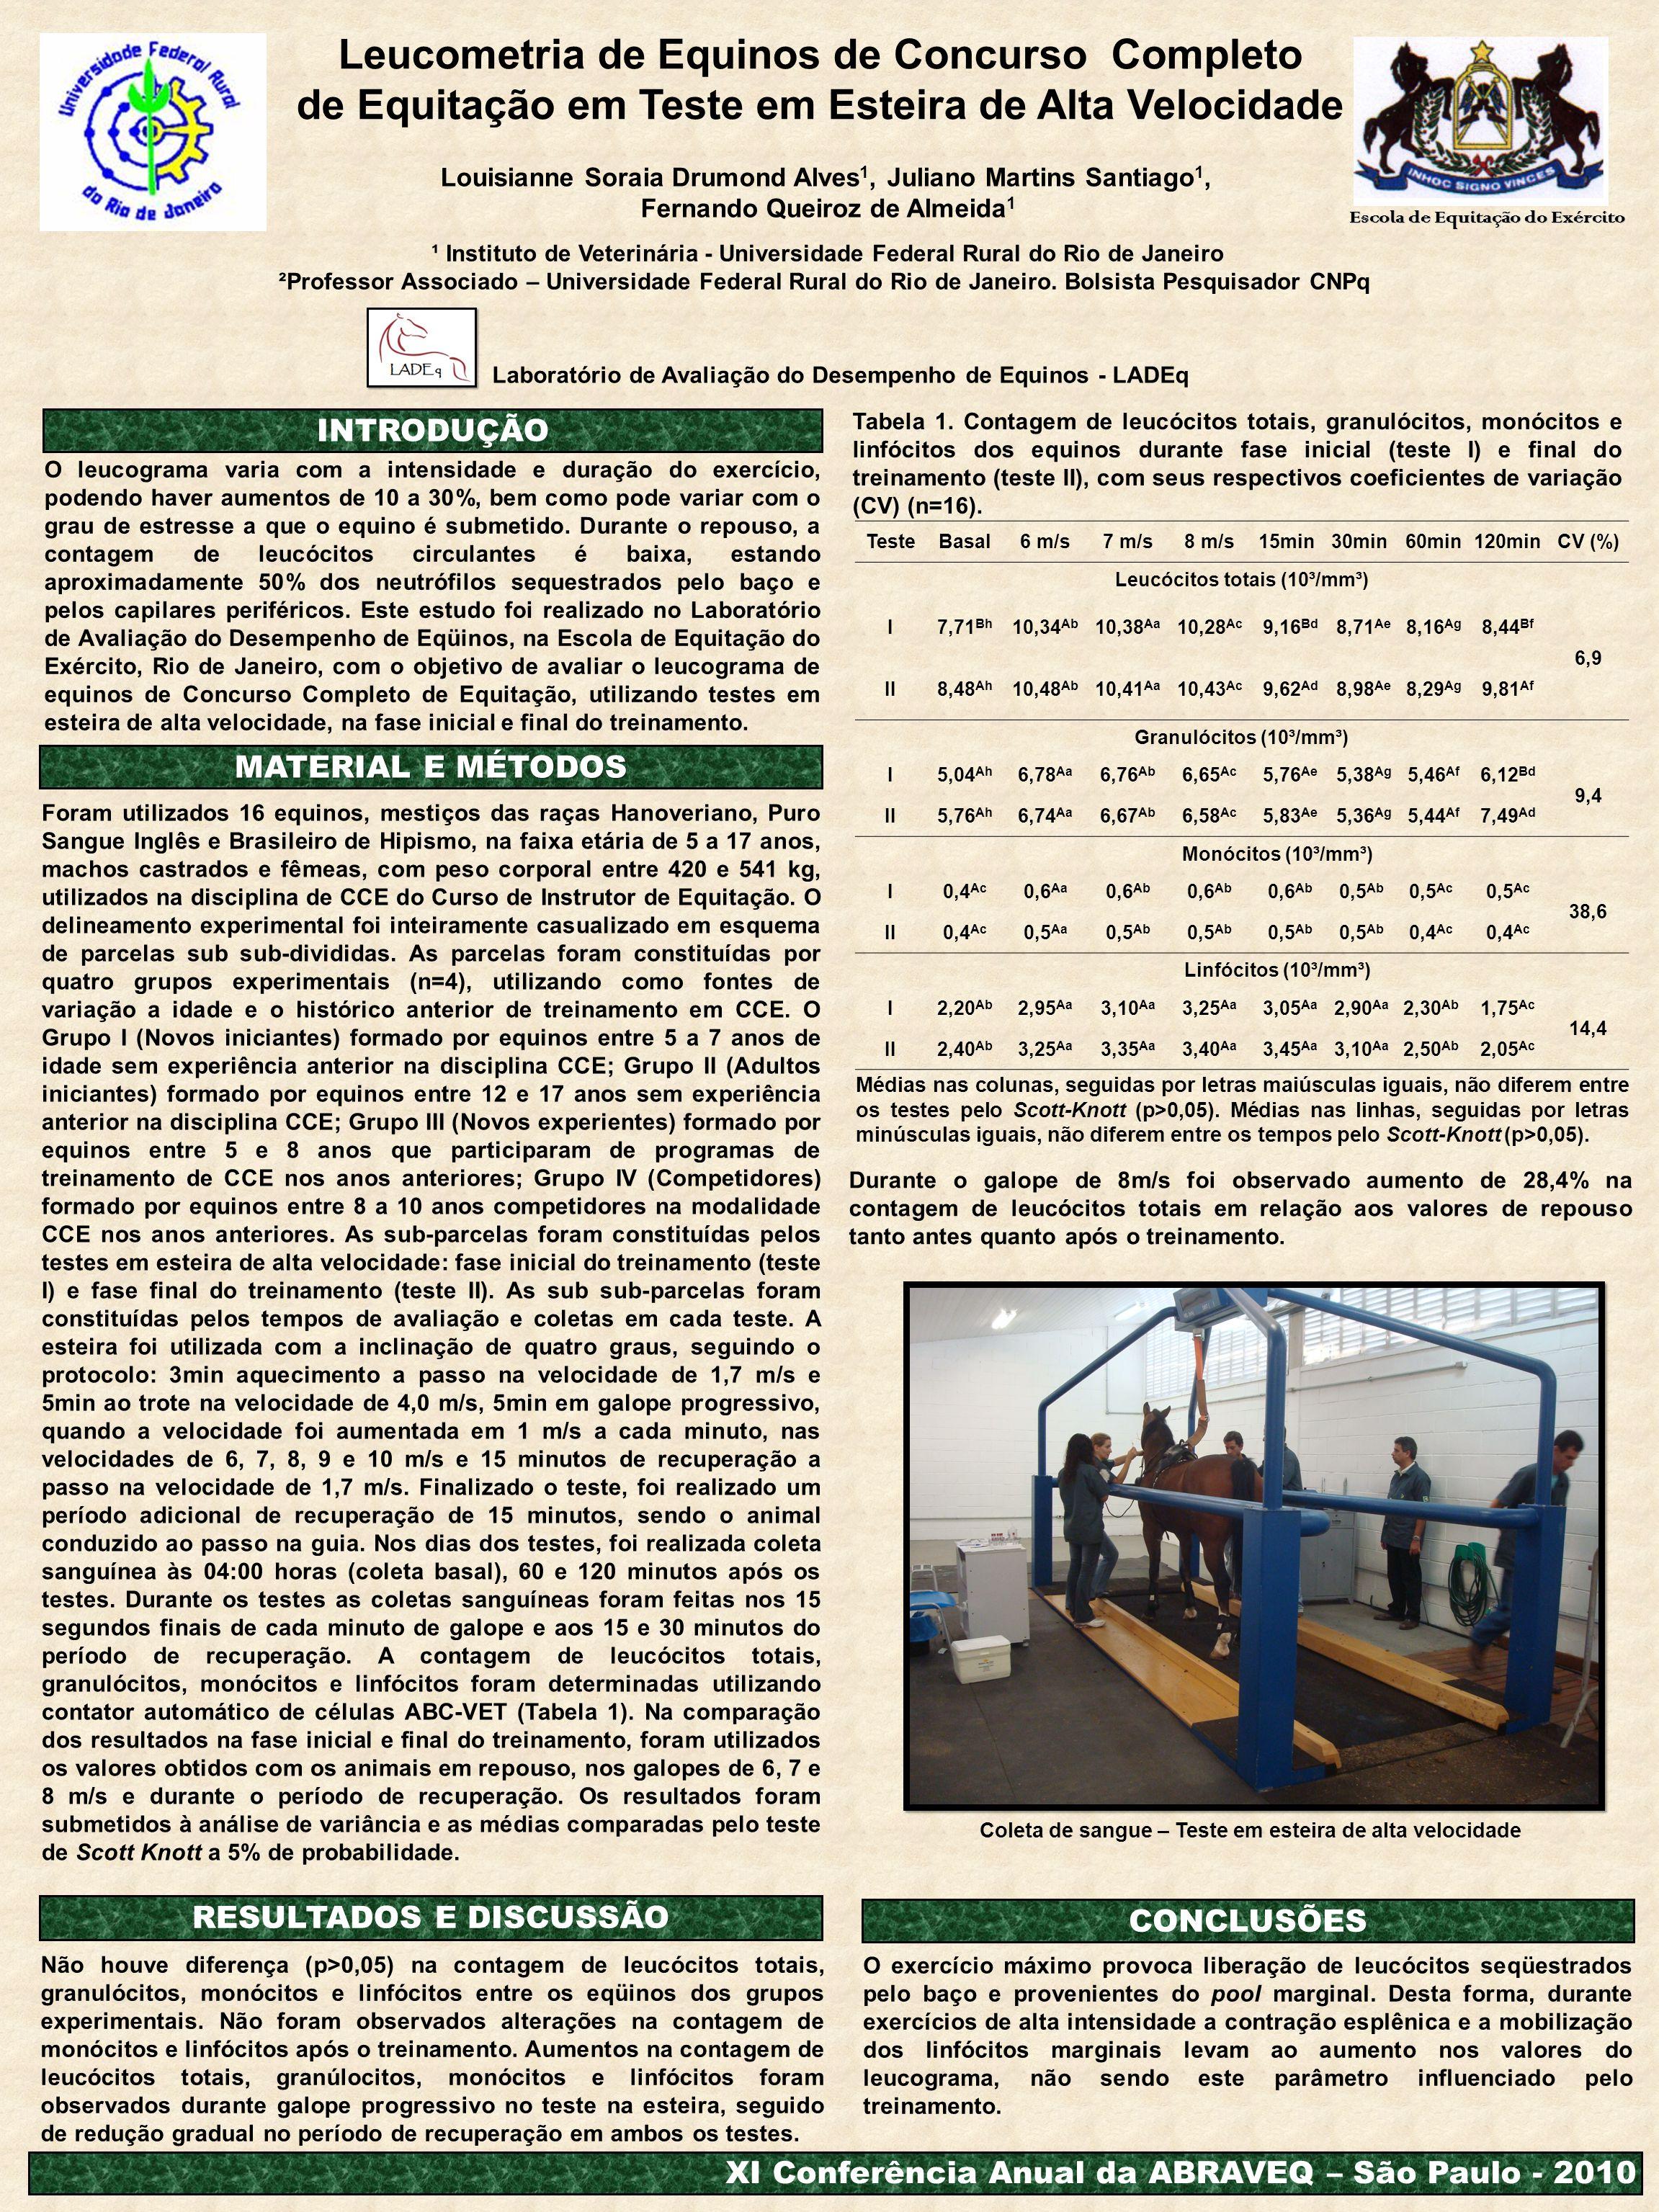 MATERIAL E MÉTODOS INTRODUÇÃO CONCLUSÕES RESULTADOS E DISCUSSÃO O leucograma varia com a intensidade e duração do exercício, podendo haver aumentos de